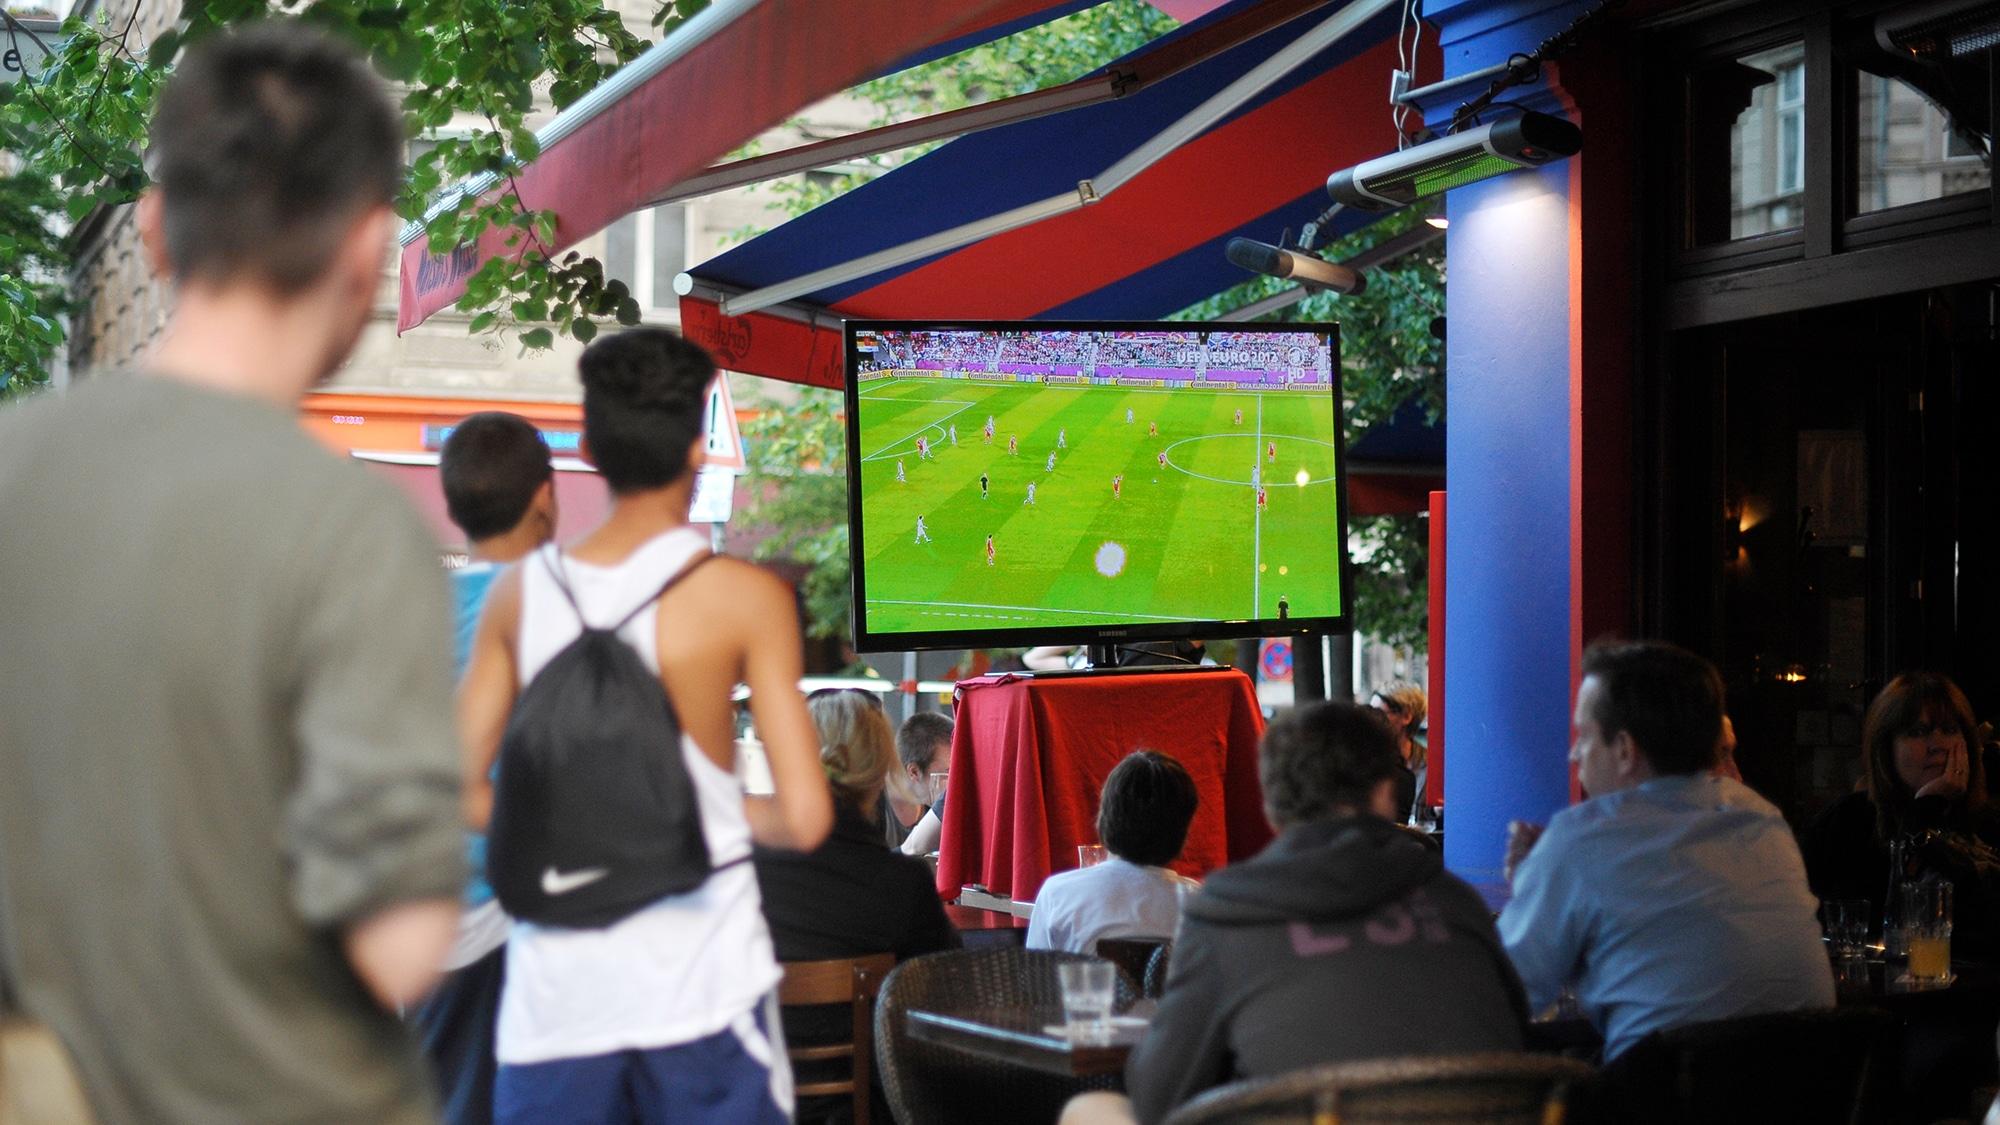 (GERMANY OUT) Fußballfans verfolgen das Fussballspiel Russland-Tschechien anlässlich der UEFA Fußball-Europameisterschaft